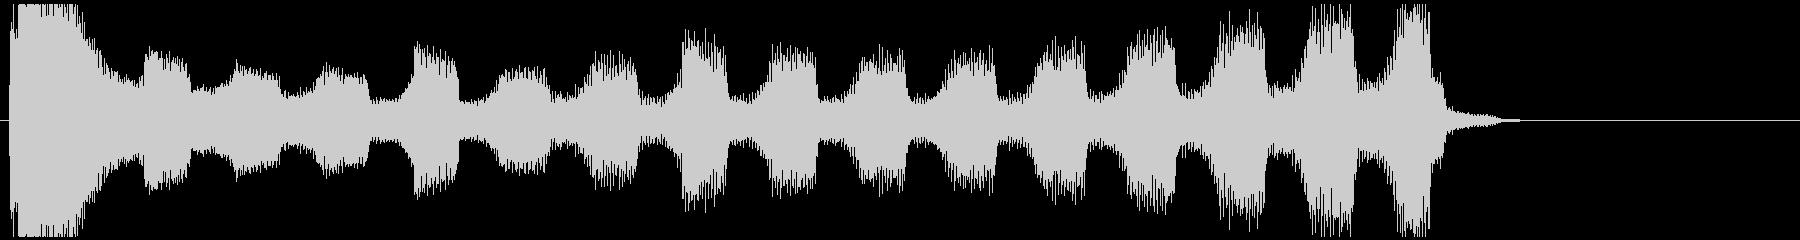 【企業ジングル】深刻/ピアノ&エレクトロの未再生の波形